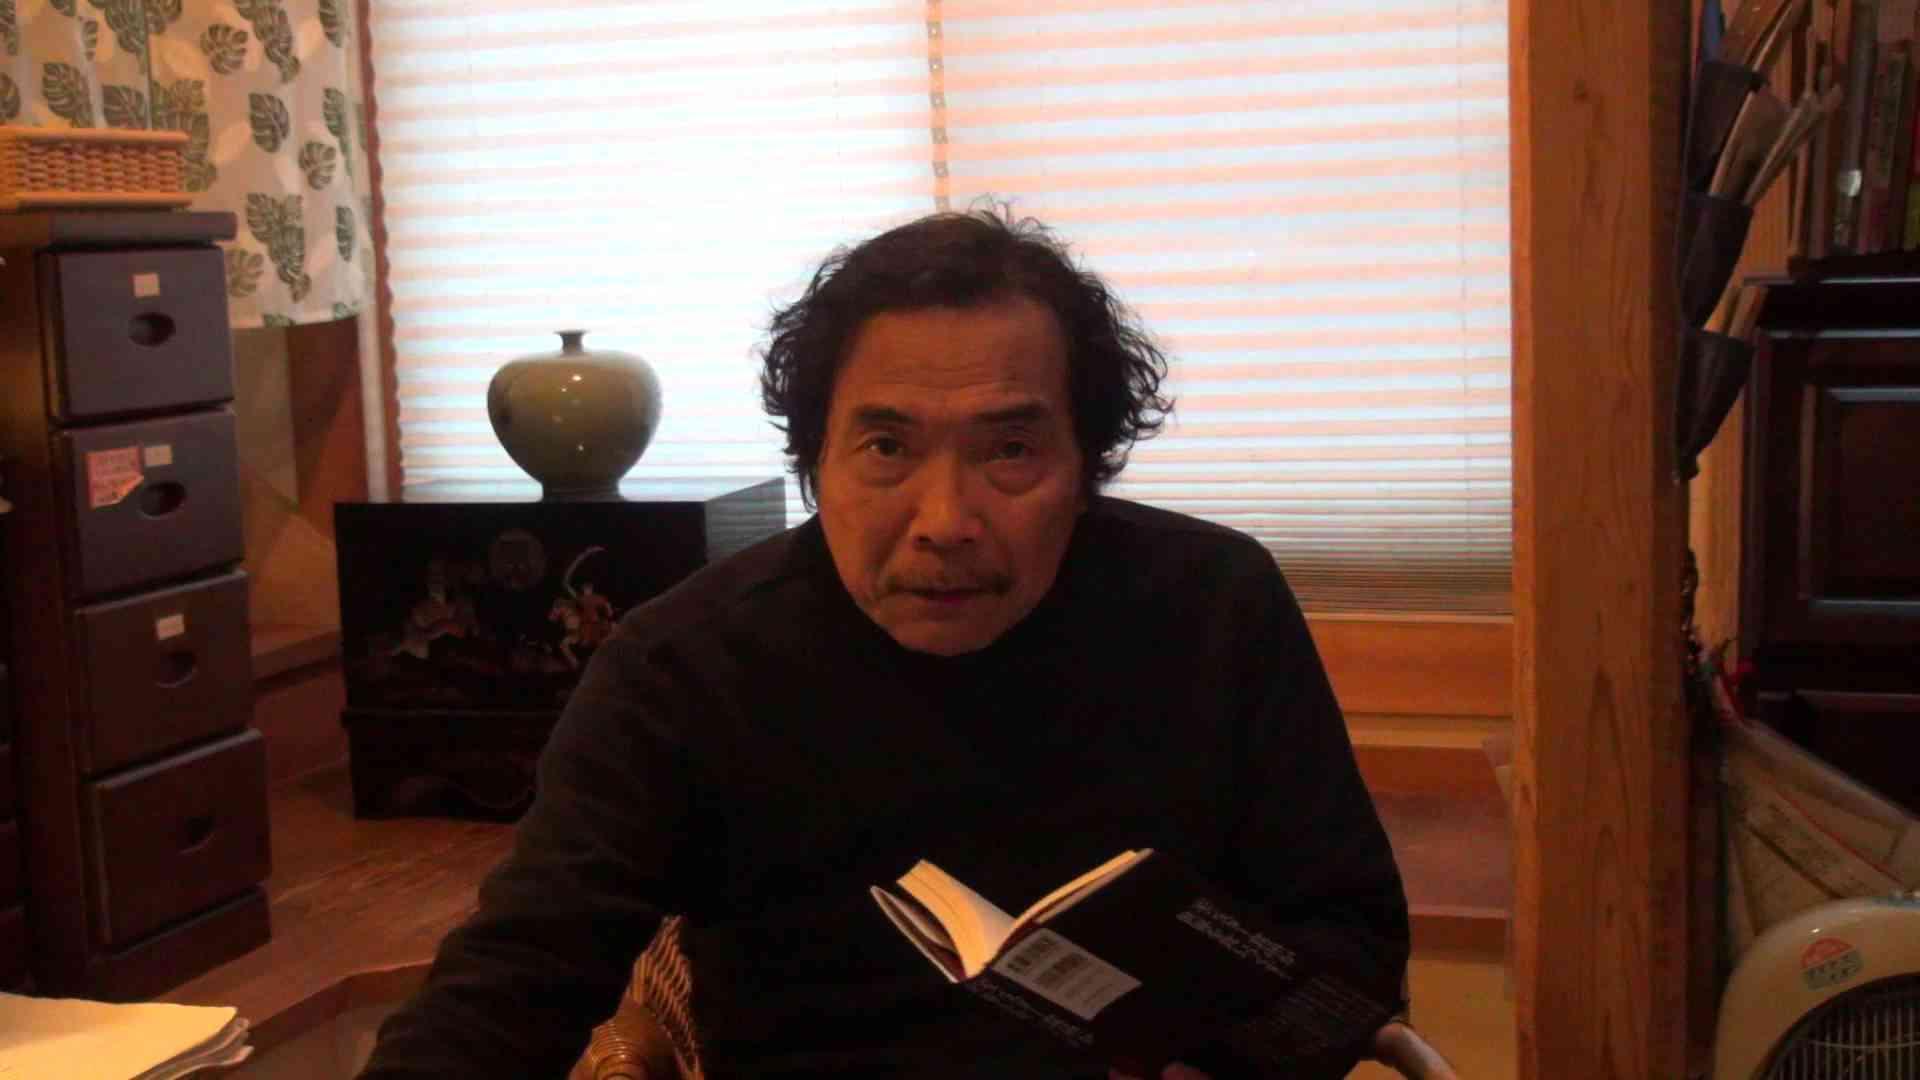 モンスター食品」が世界を食いつくす! イースト・プレス刊  船瀬俊介 - YouTube